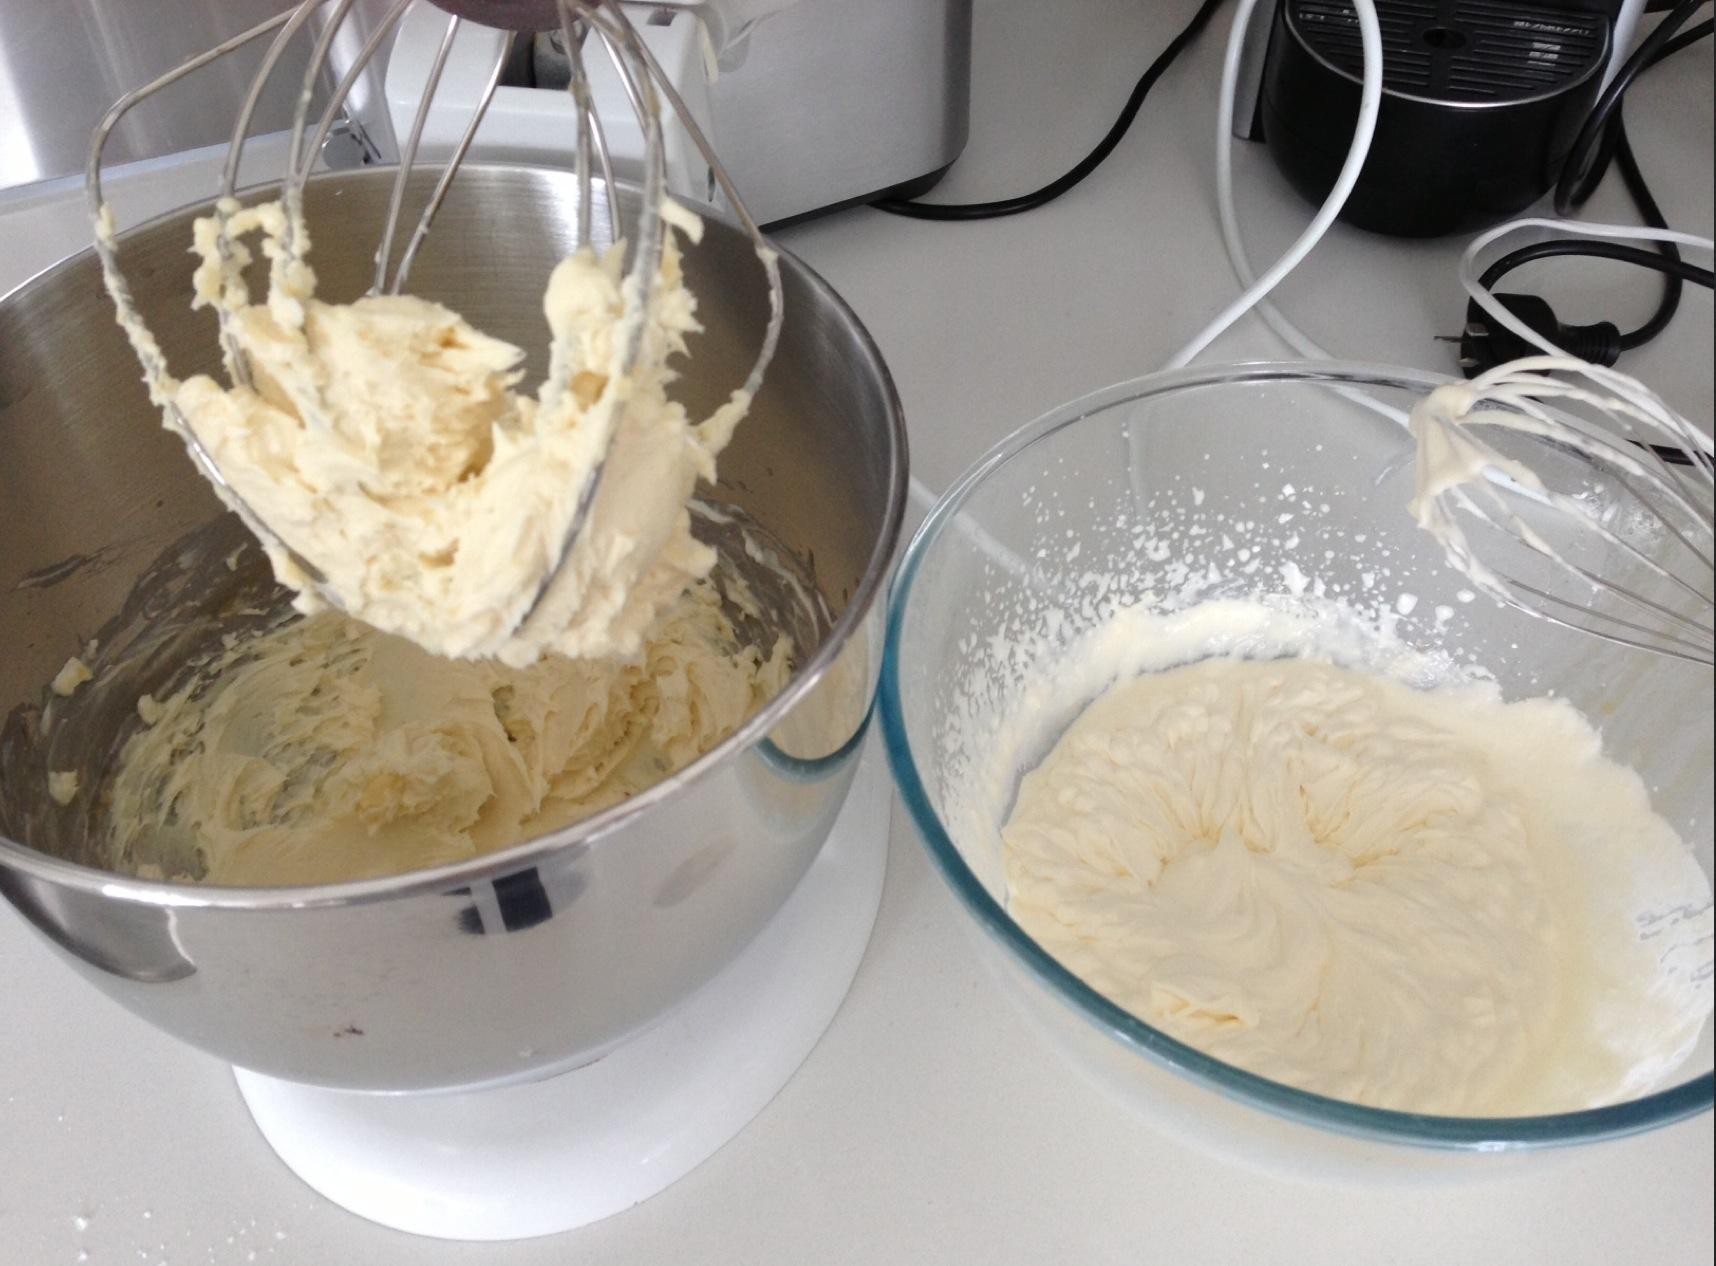 cheesecake mixture